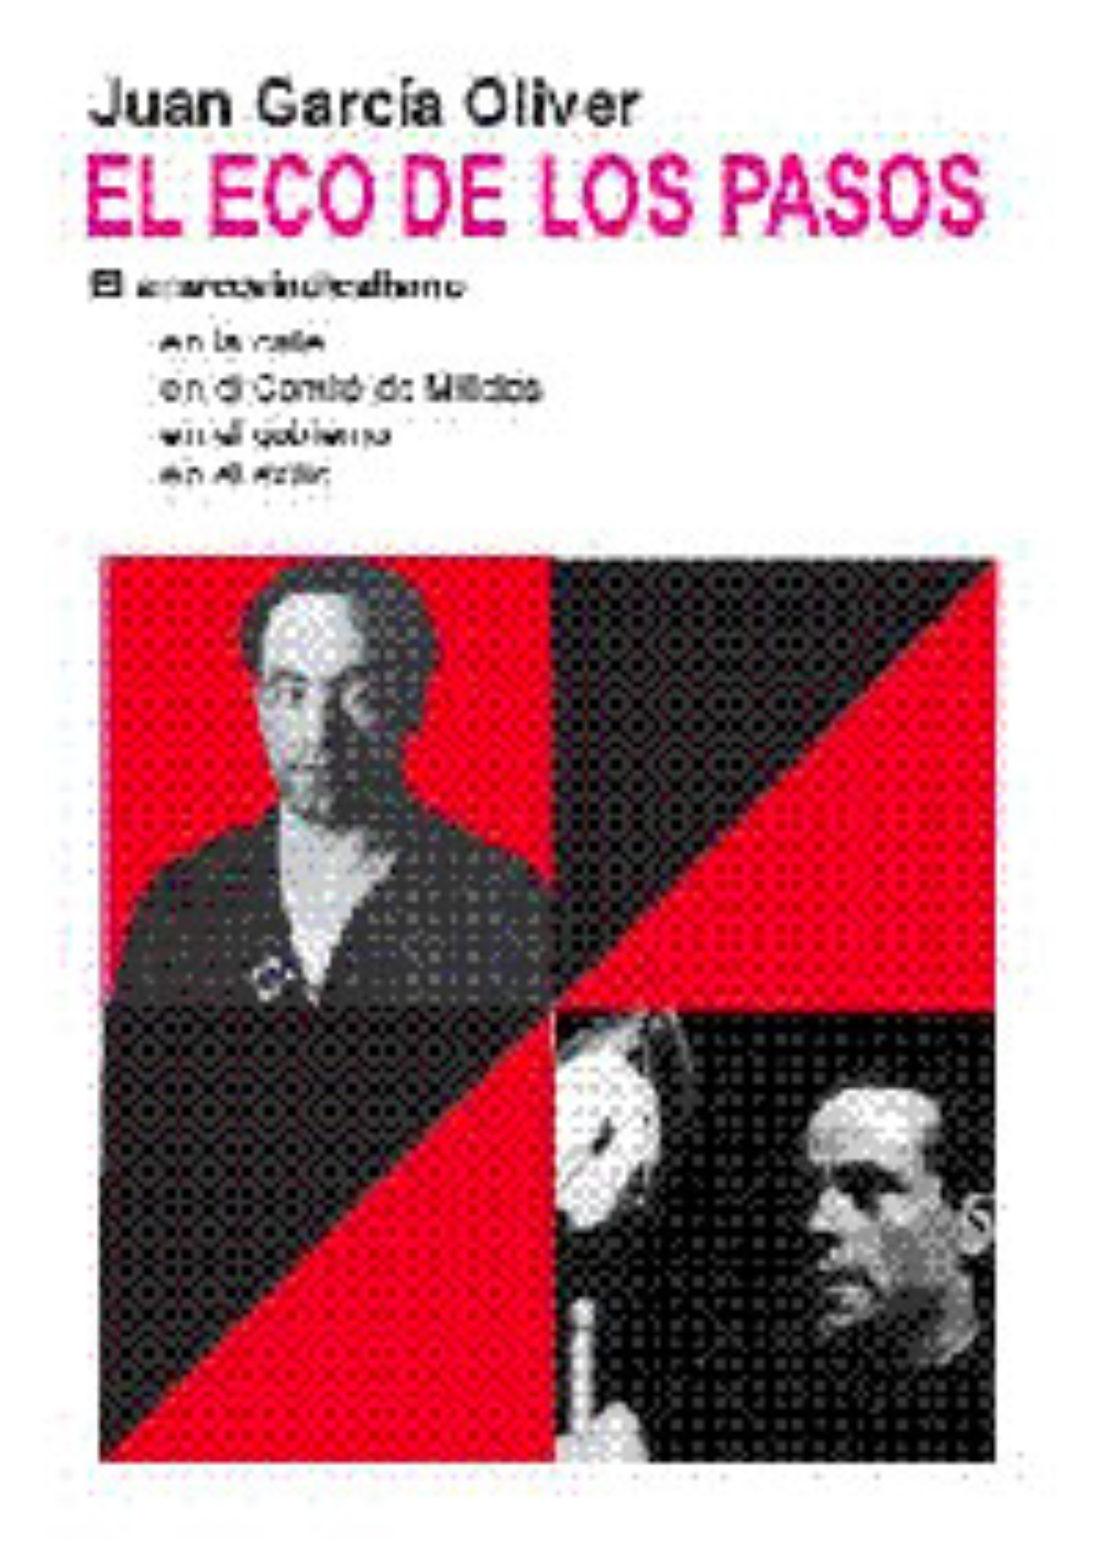 Madrid, LaMalatesta: V21 Nov. – Presentación: «El eco de los pasos»